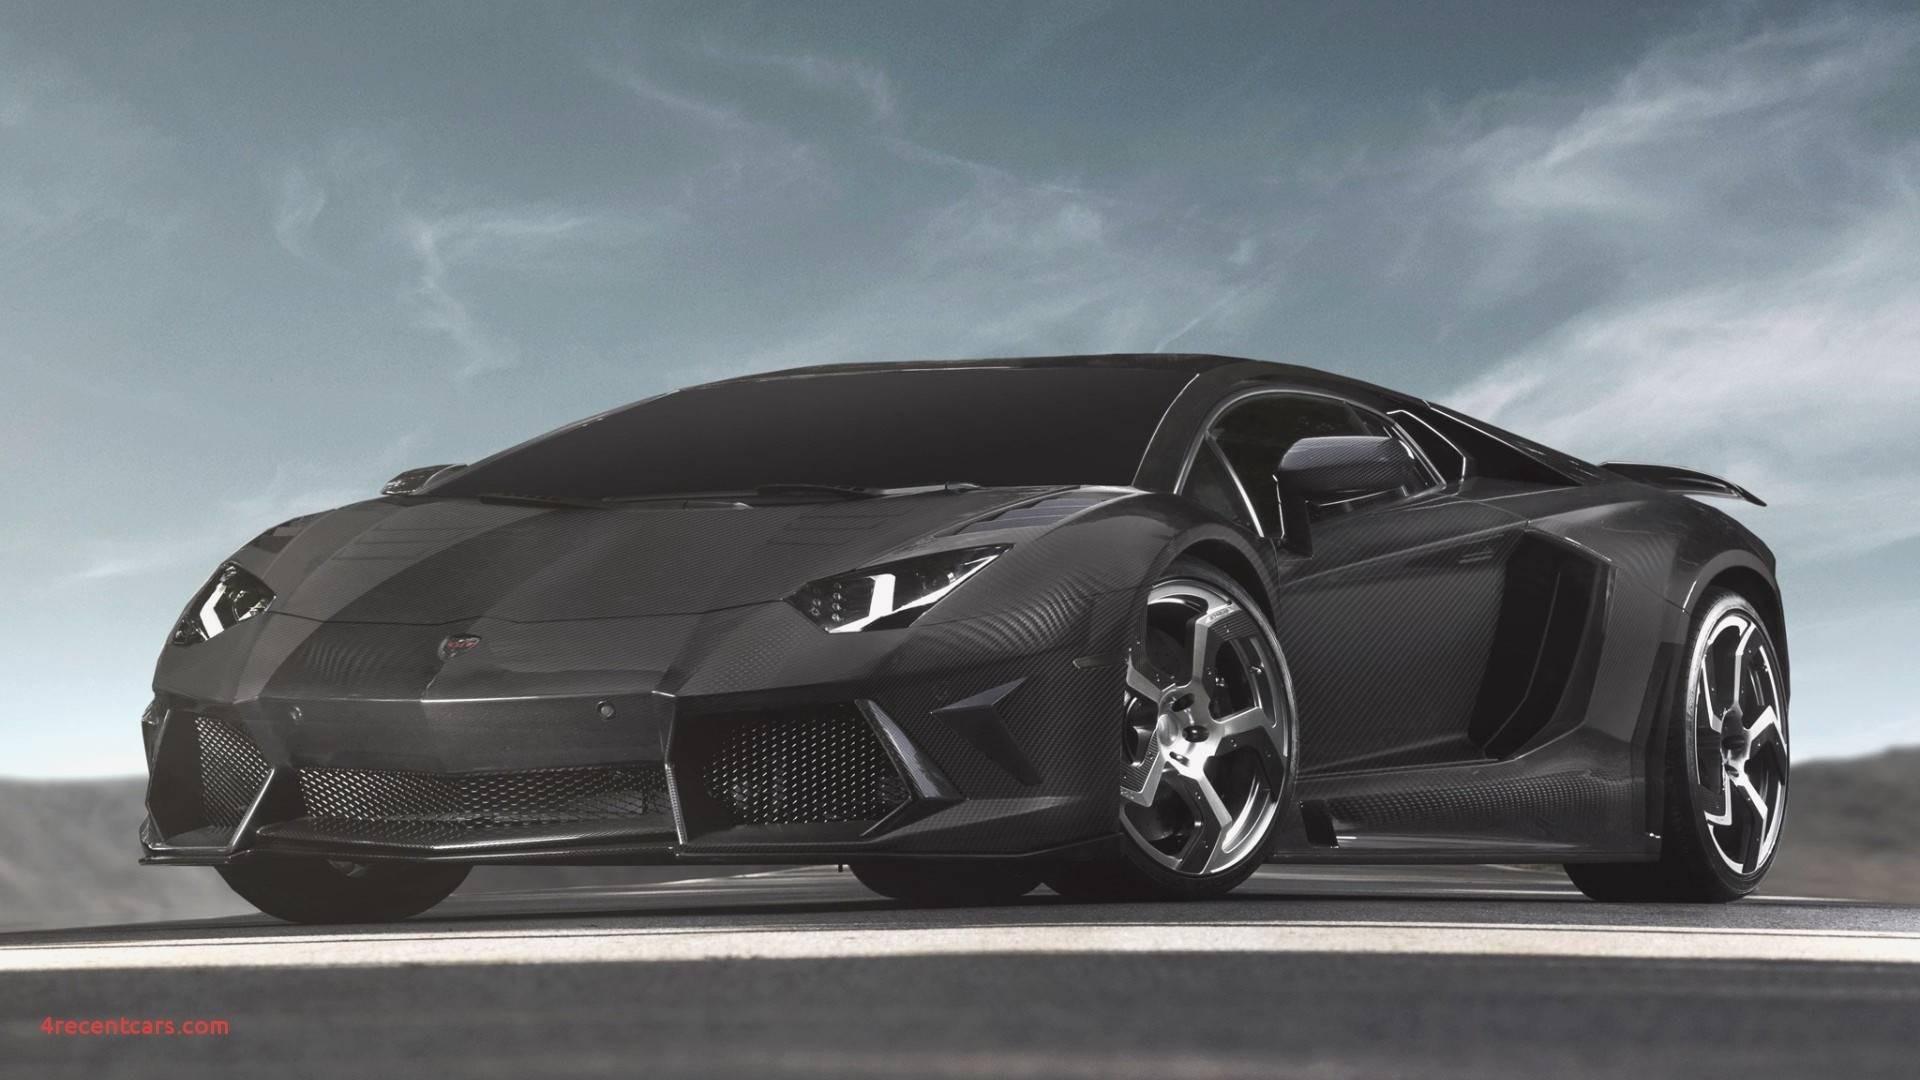 Ausmalbilder Autos Lamborghini Genial 25 Liebenswert Ausmalbilder Zum Ausdrucken Lamborghini Bilder